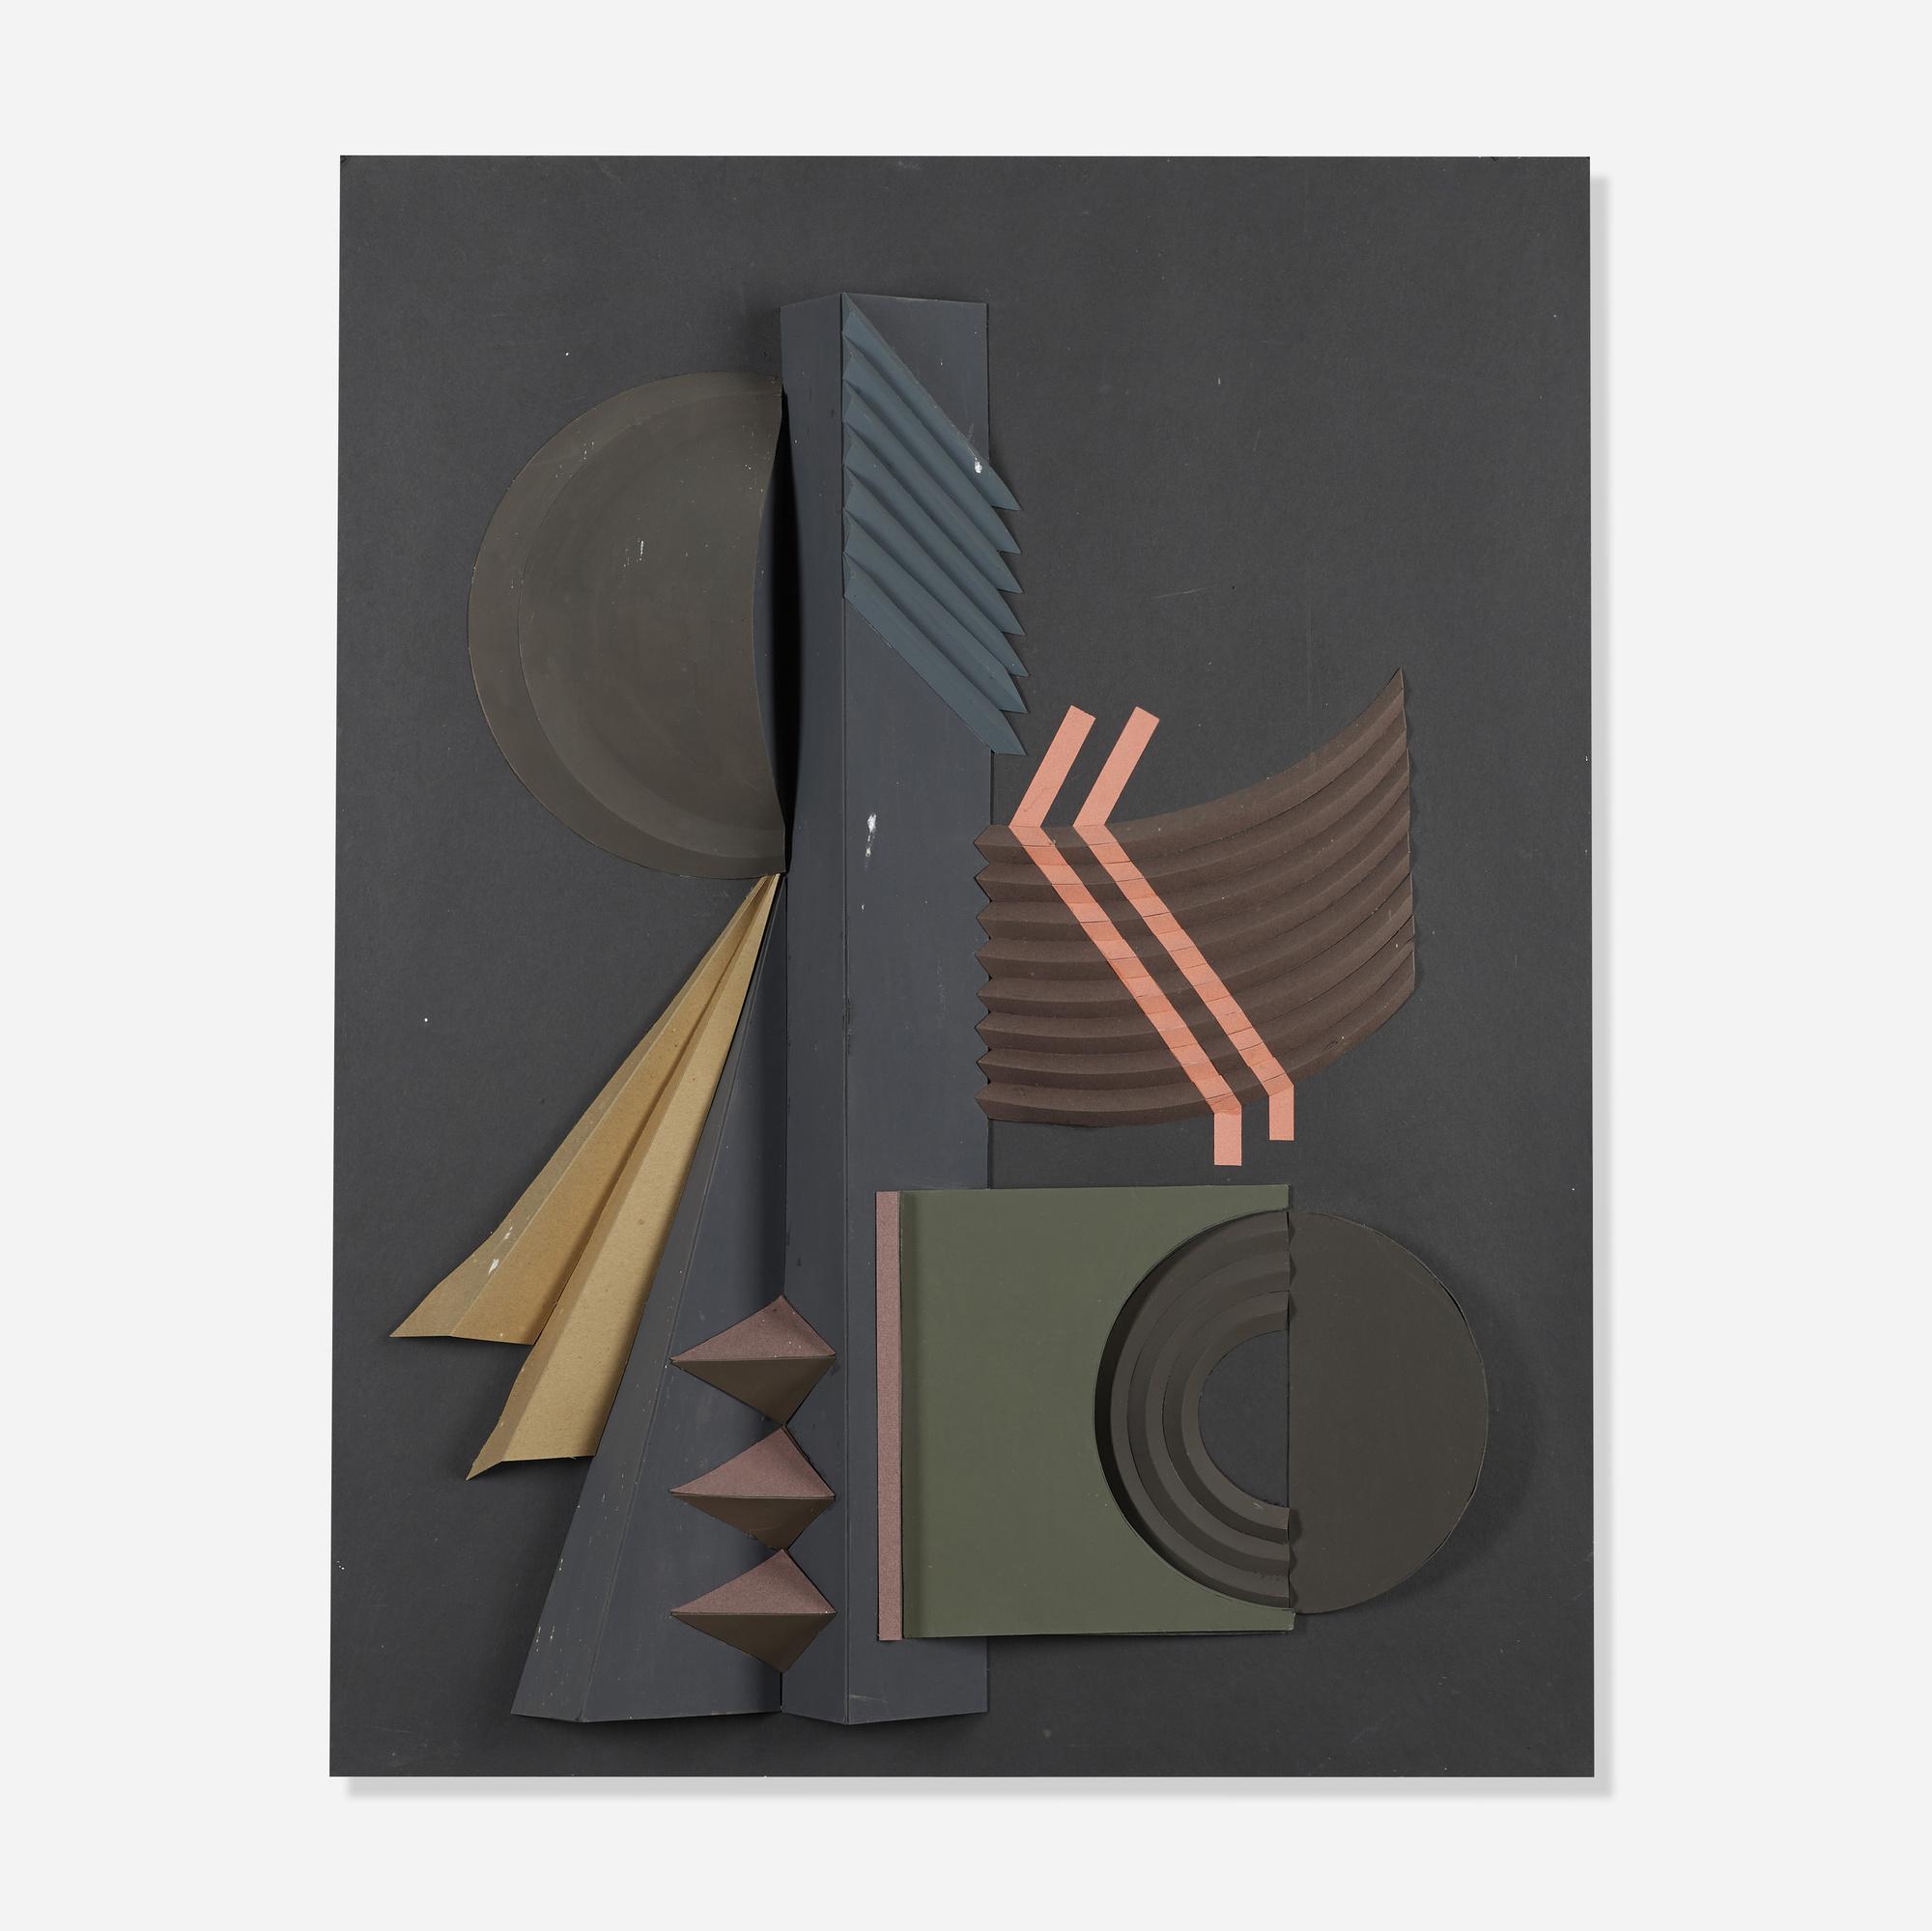 210: Irving Harper / Untitled (1 of 1)